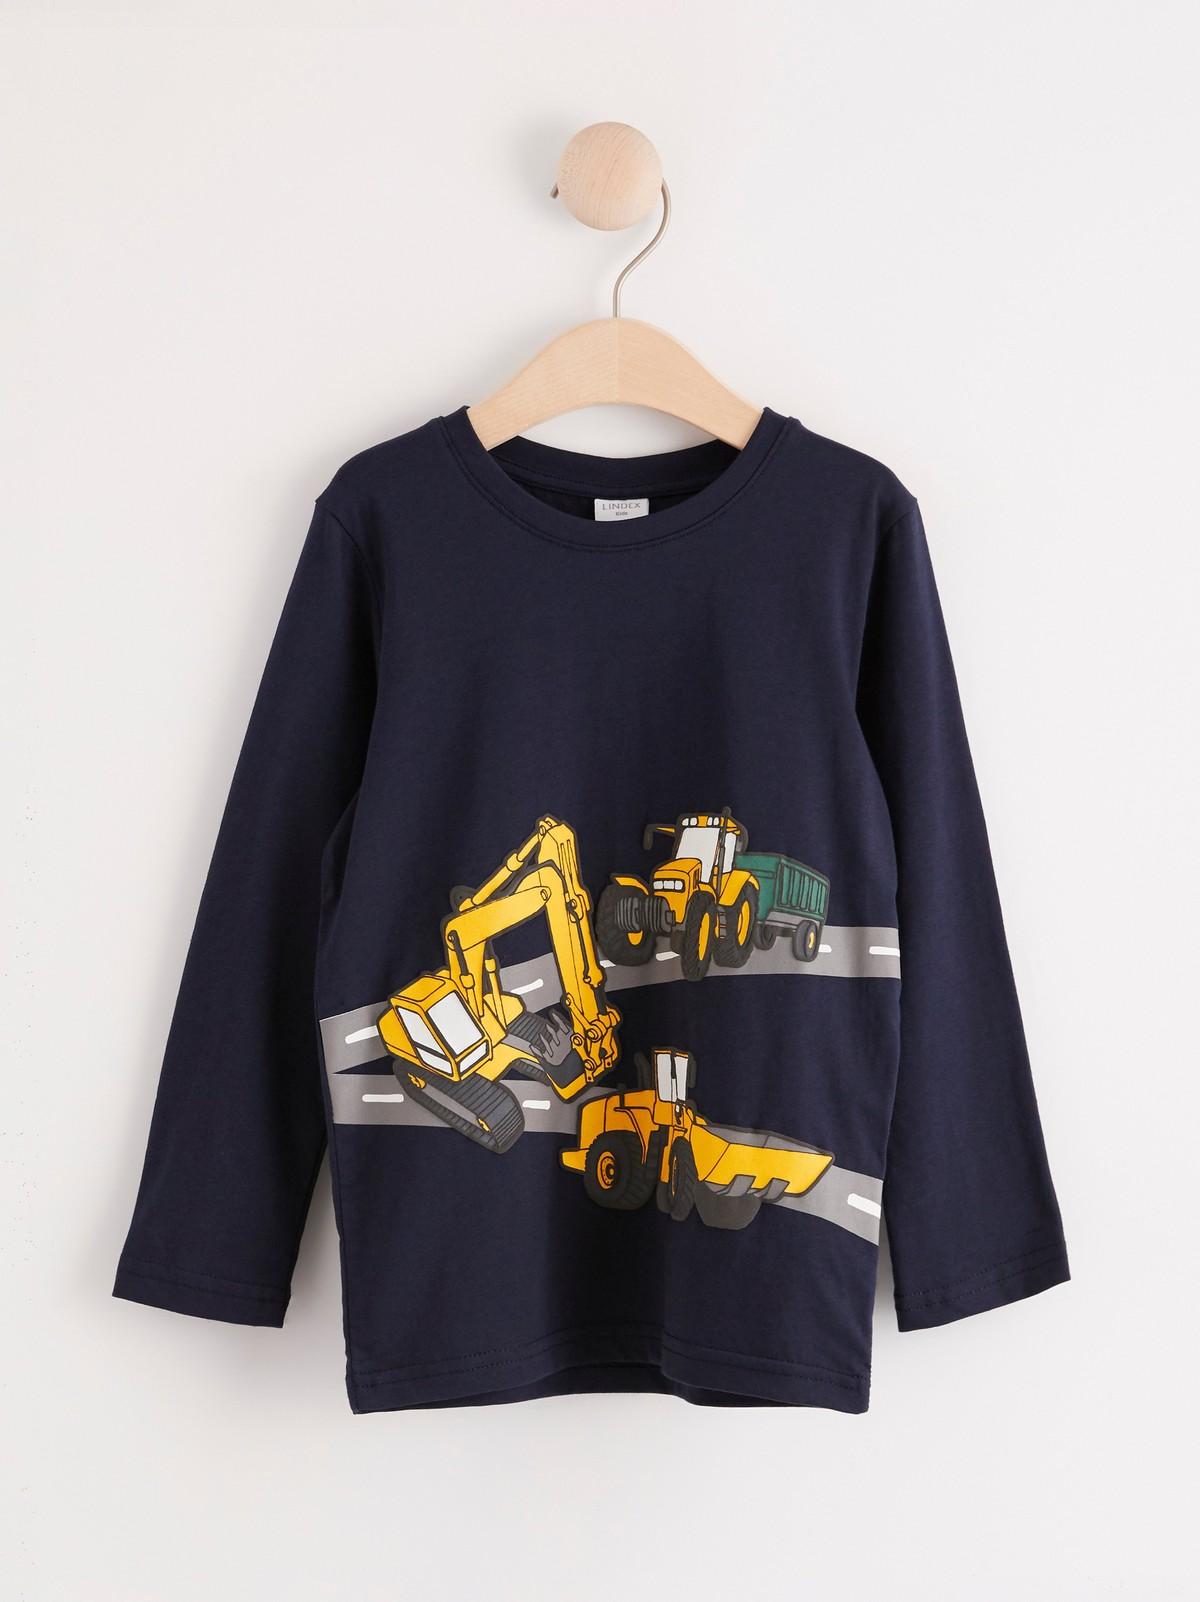 Långärmad tröja med fordonmotiv